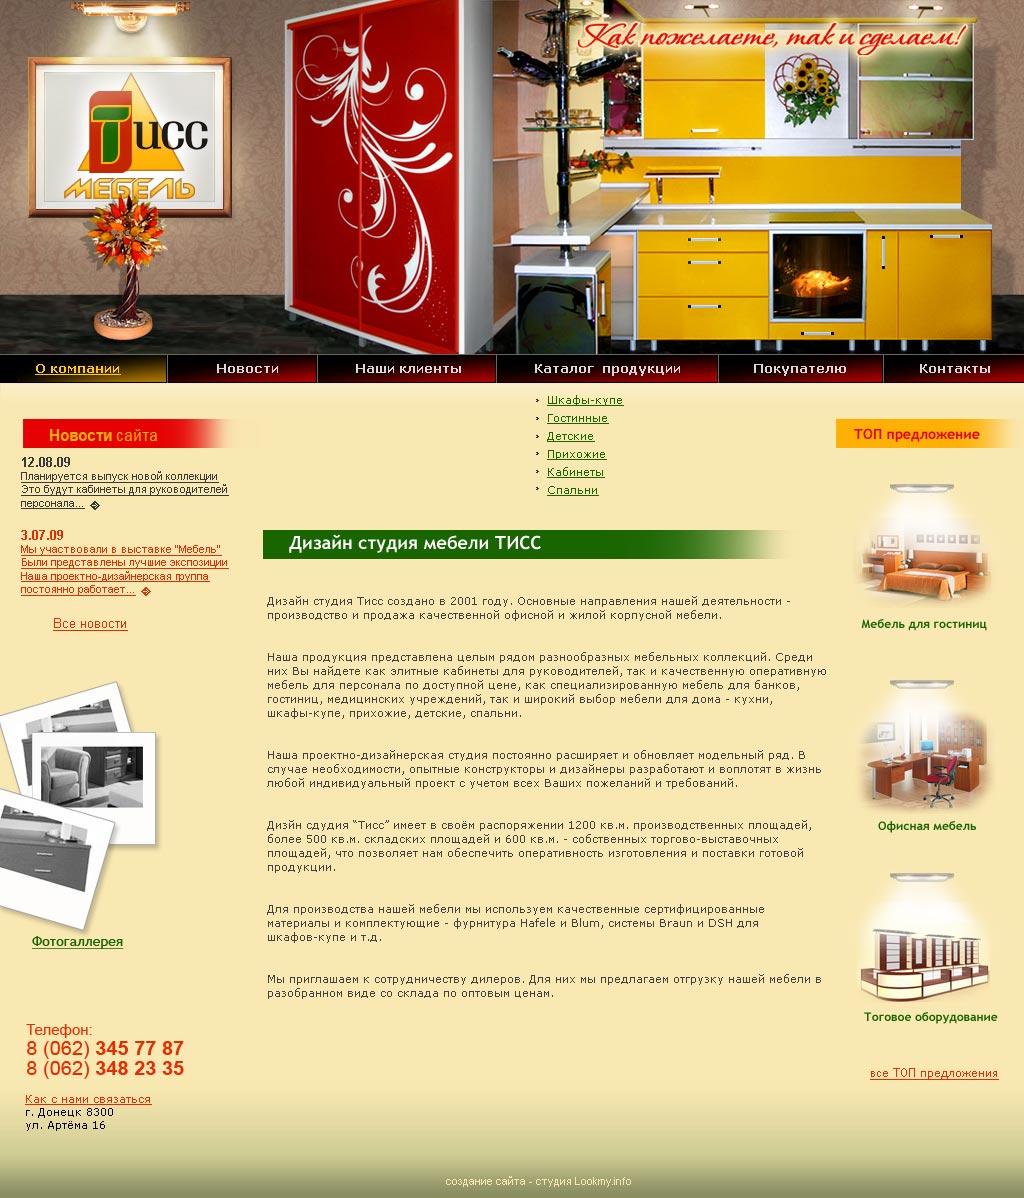 Создание и разработка сайта Донецк - Компания Тисс Мебель